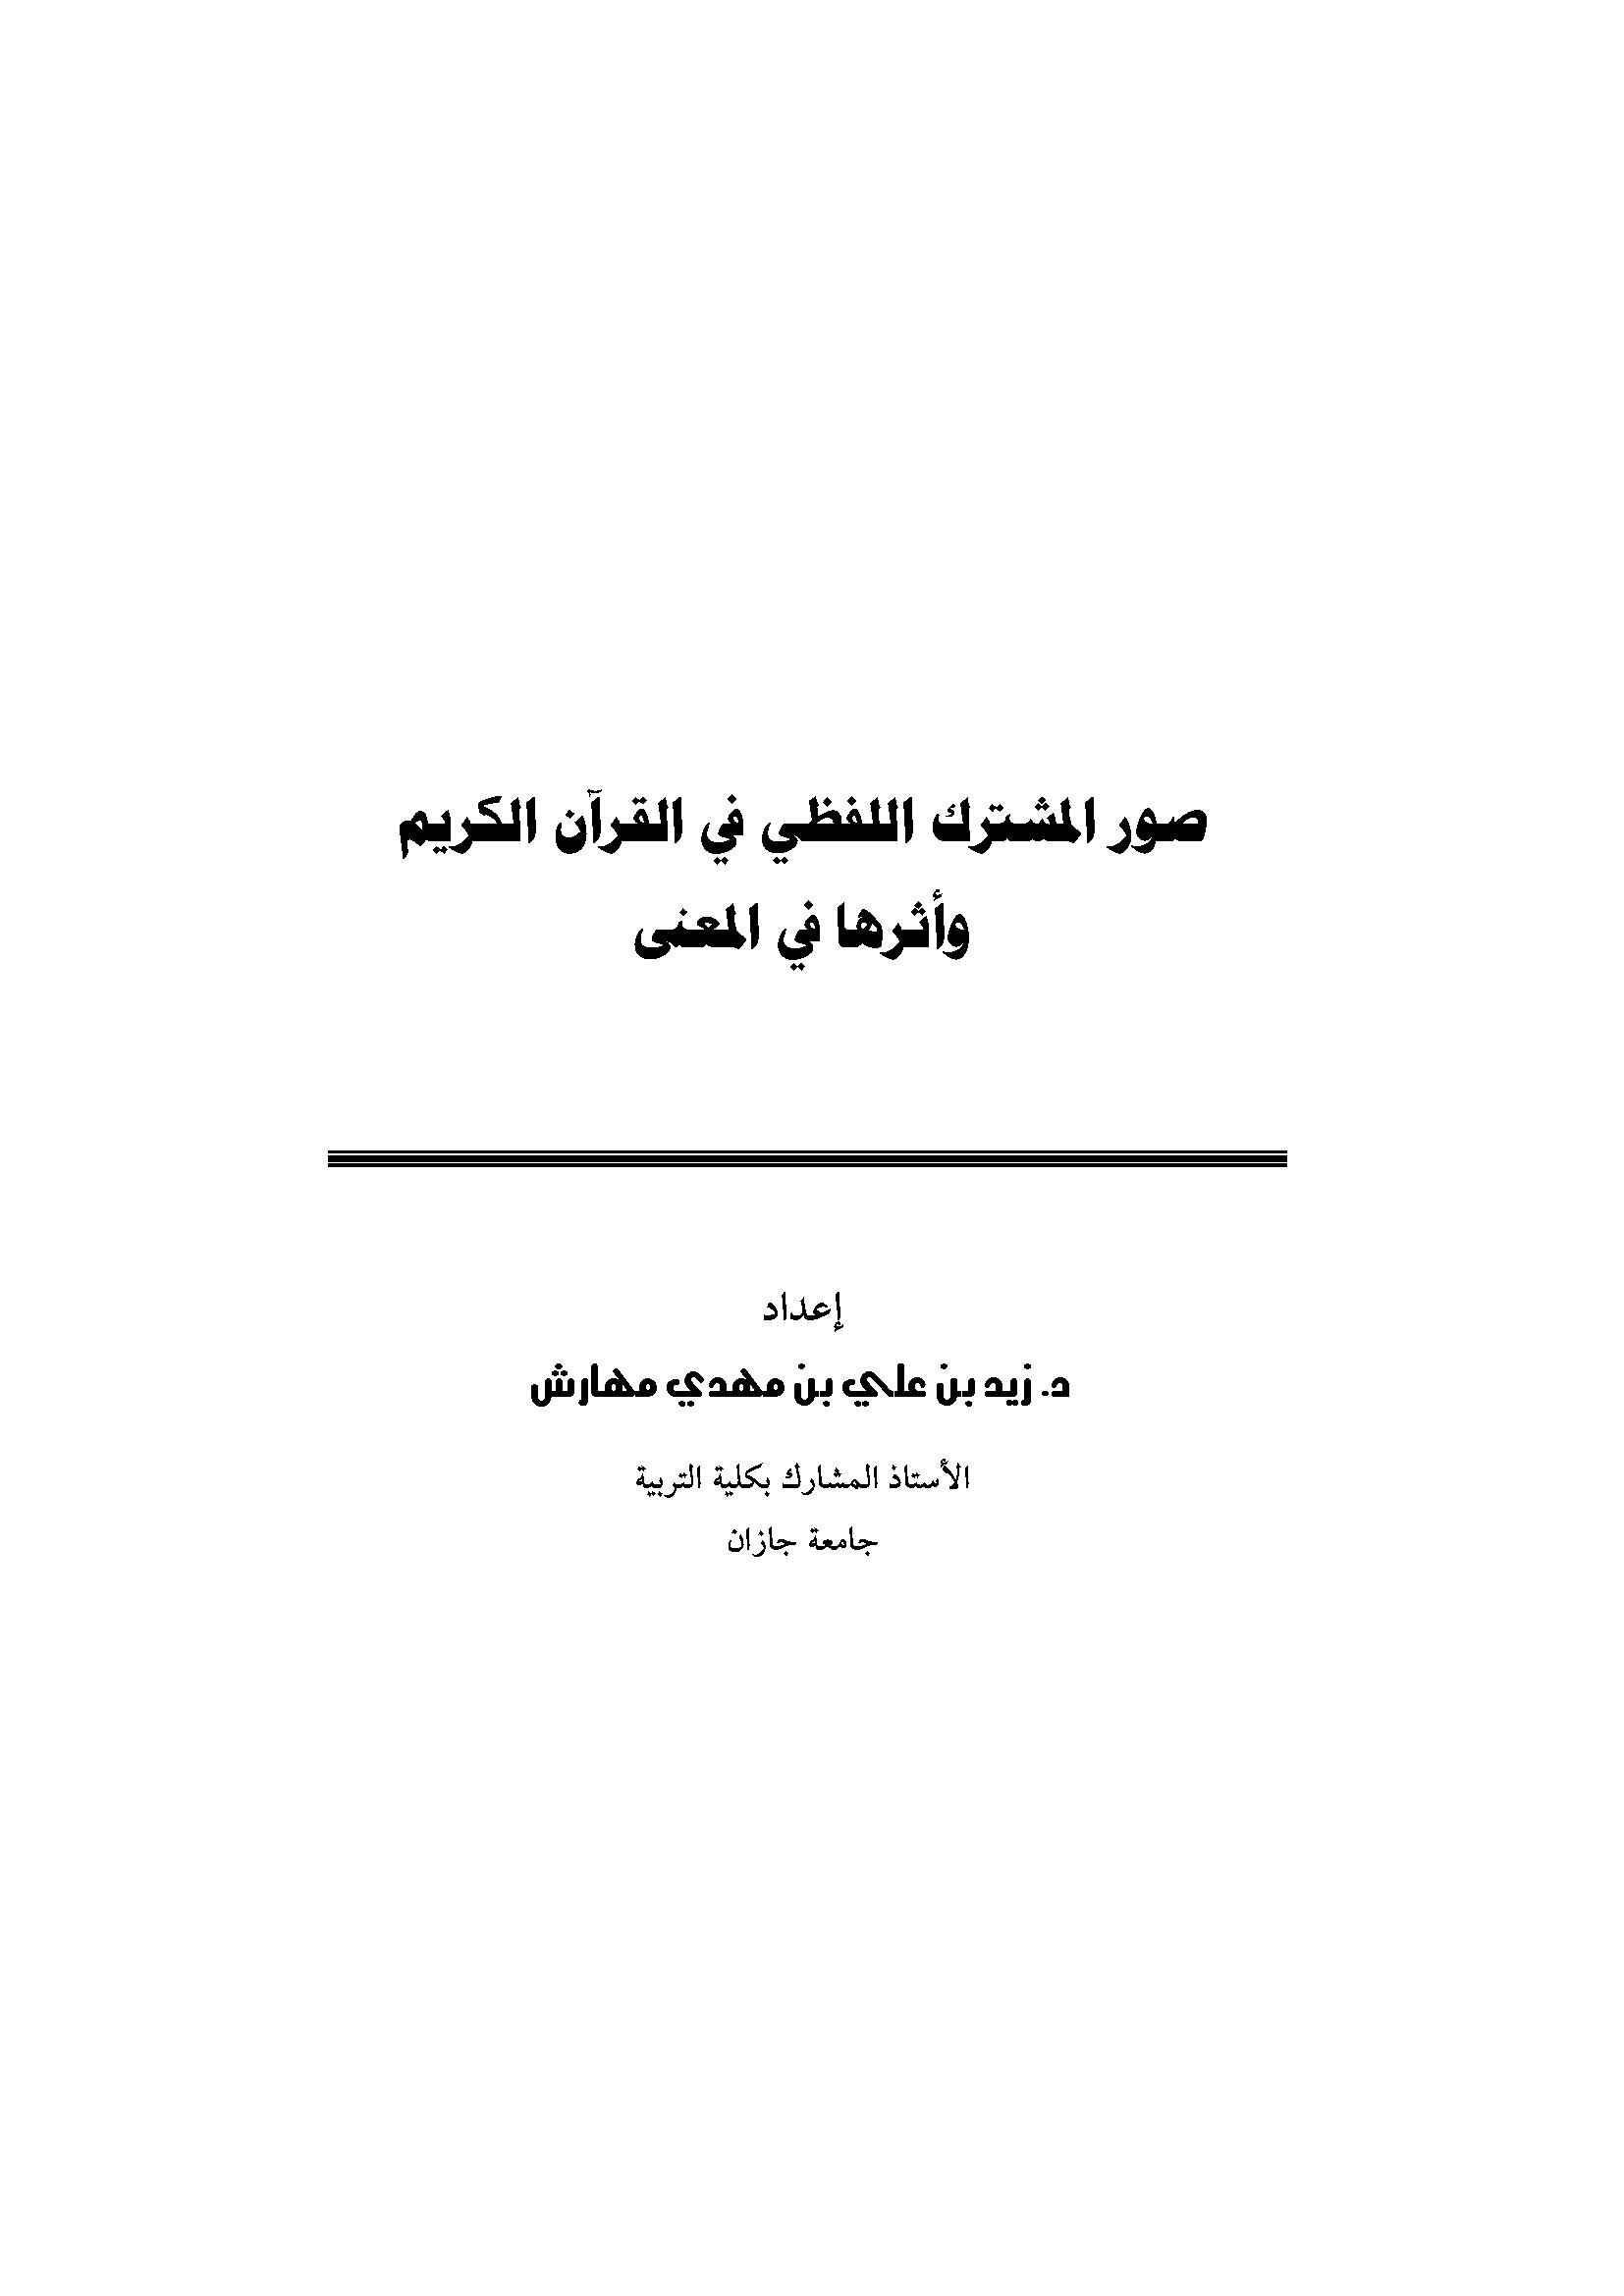 تحميل كتاب صور المشترك اللفظي في القرآن الكريم وأثرها في المعنى لـِ: الدكتور زيد بن علي بن مهدي مهارش